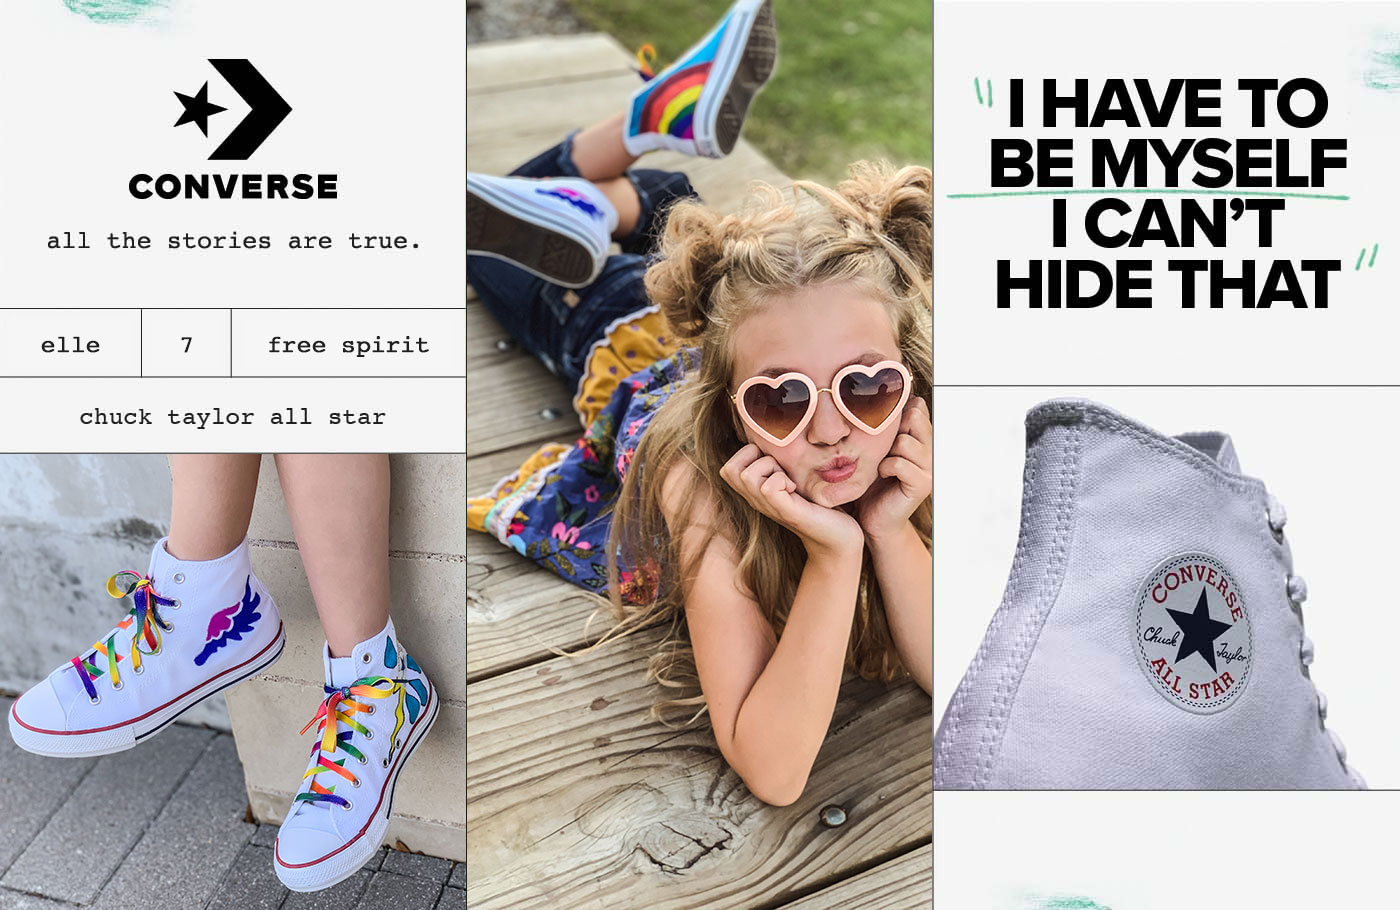 Elle wearing converse chuck taylor classic hi-tops